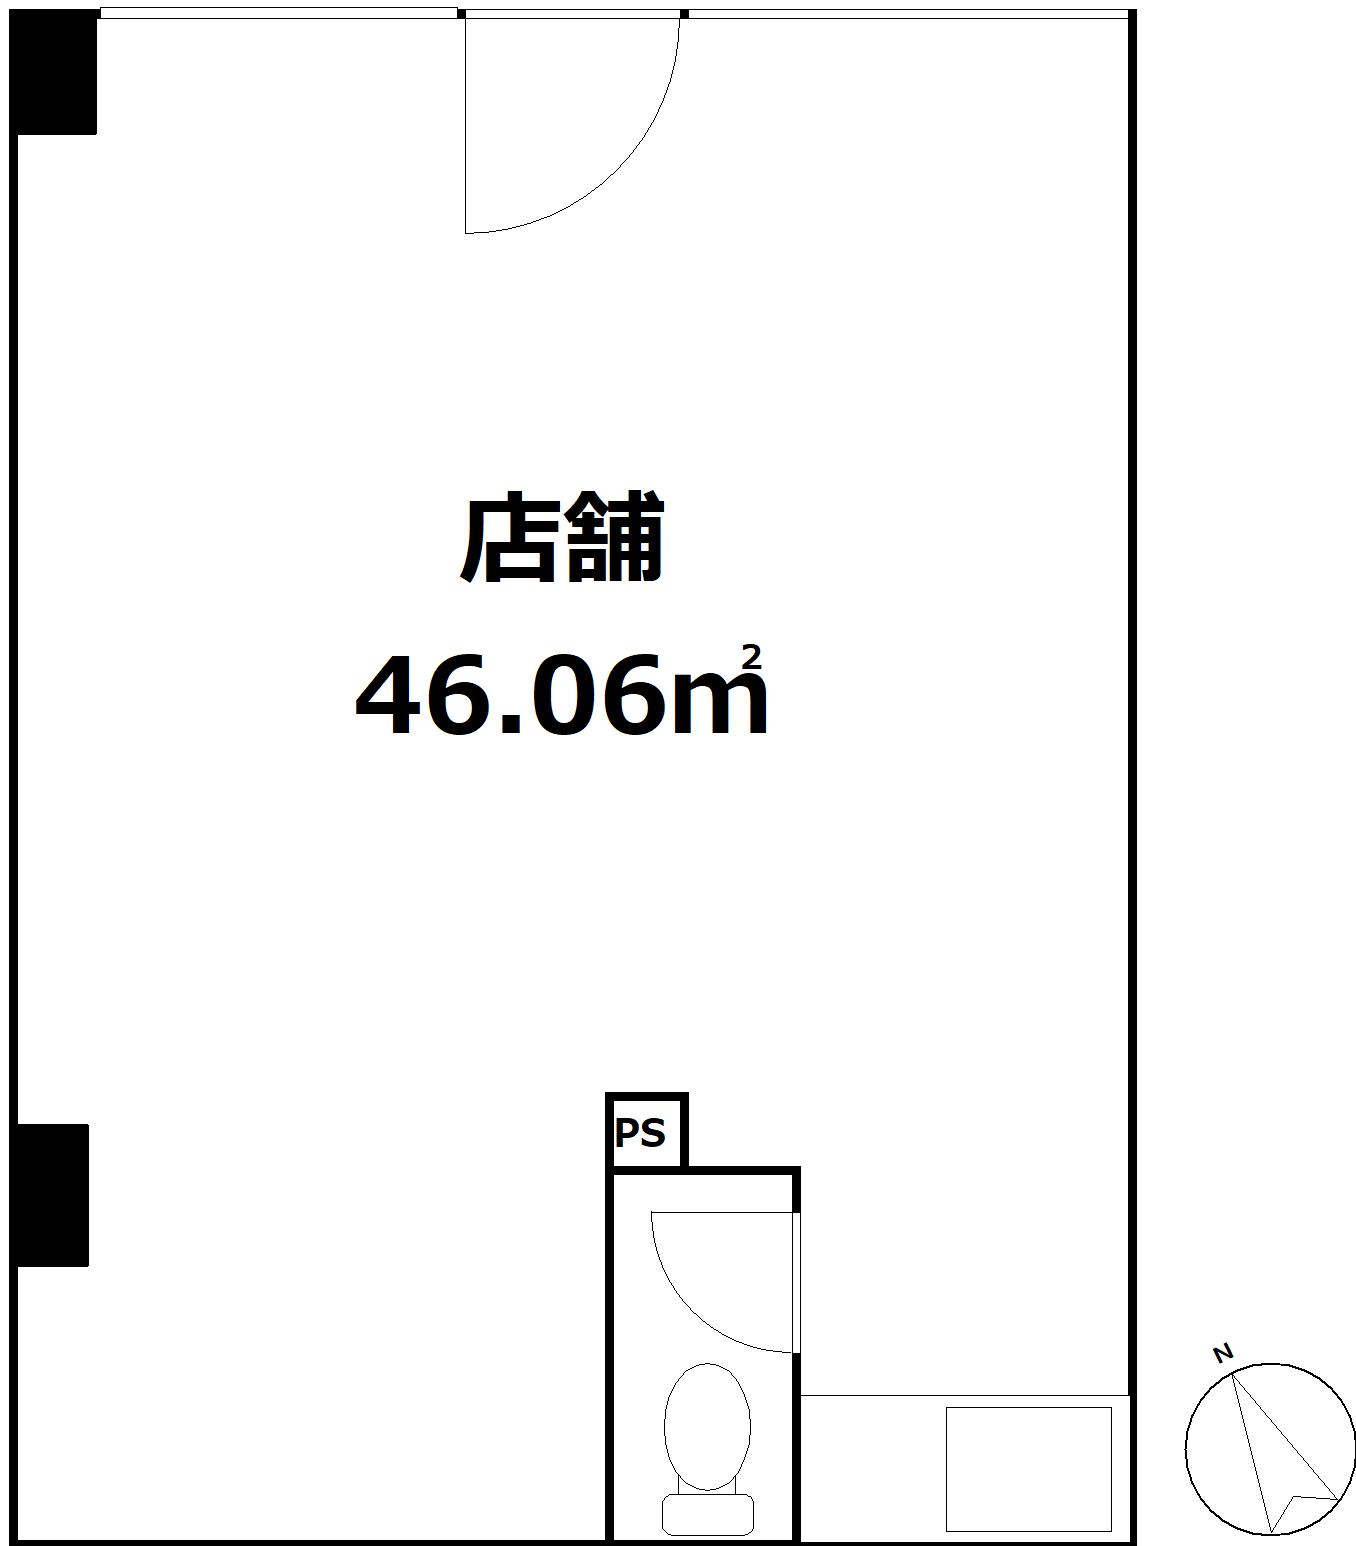 豊島区高田一丁目 投資用区分店舗-間取り